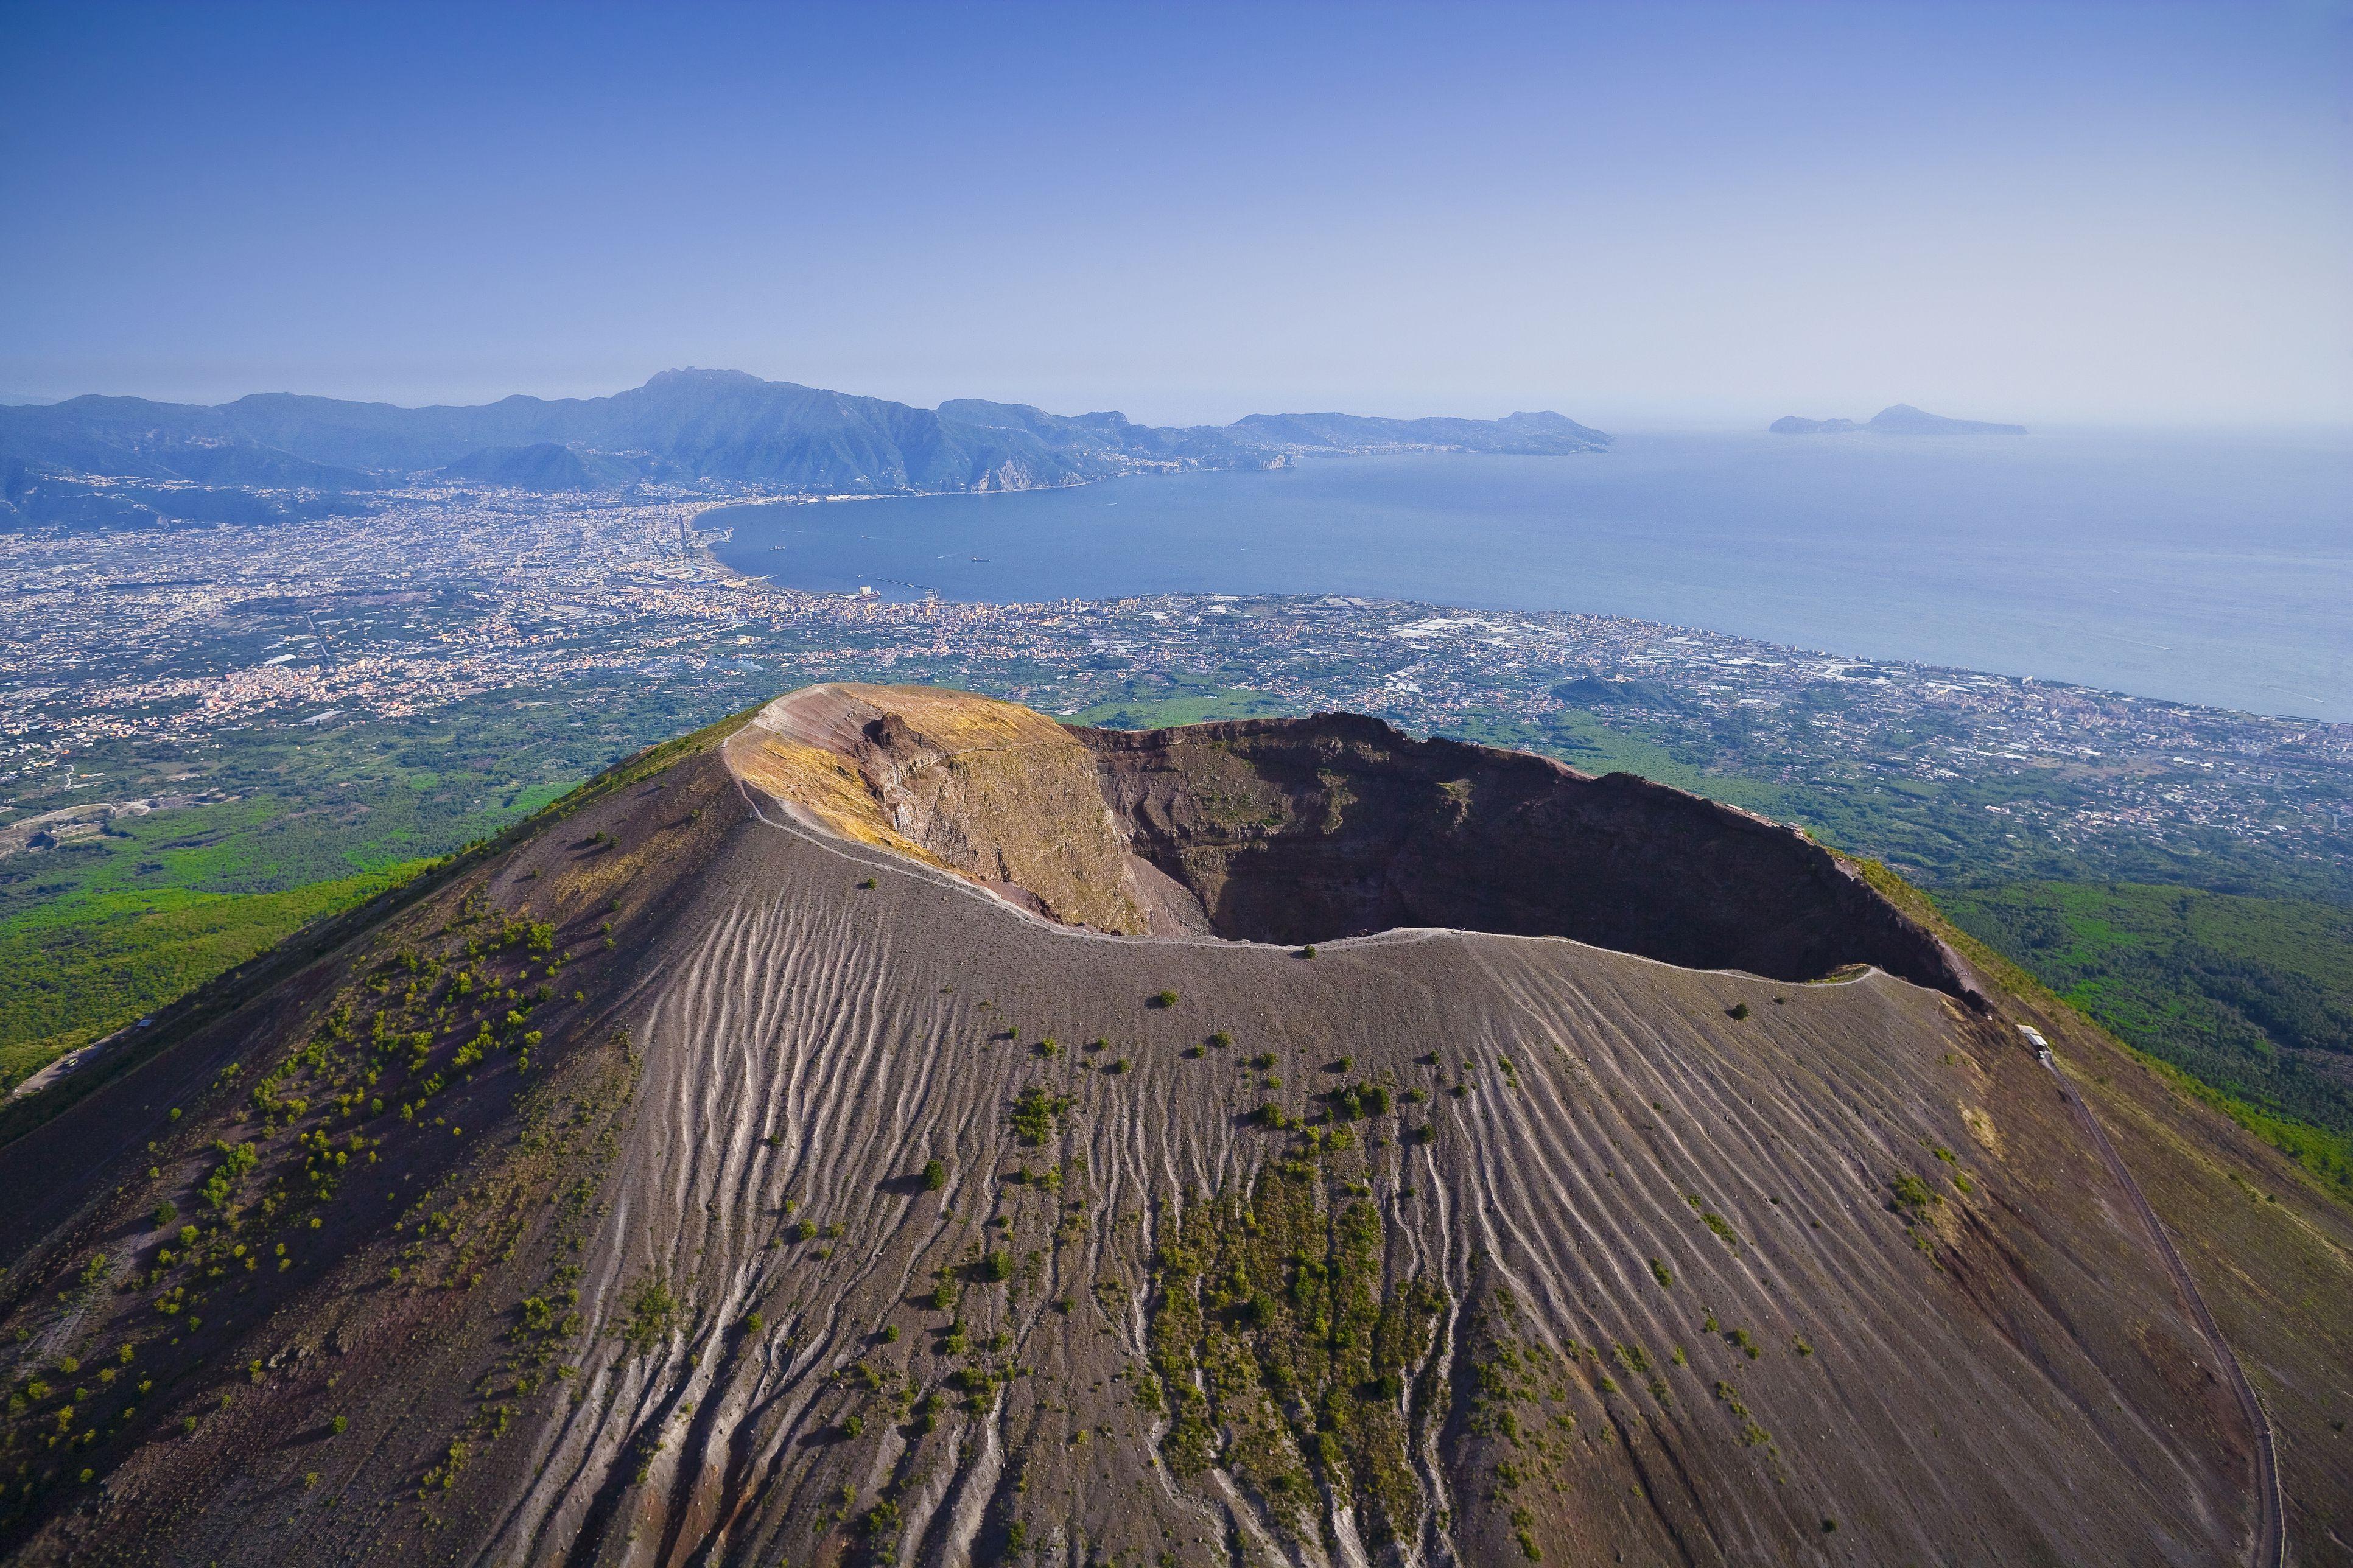 The lava from Mount Vesuvius contains biotite.